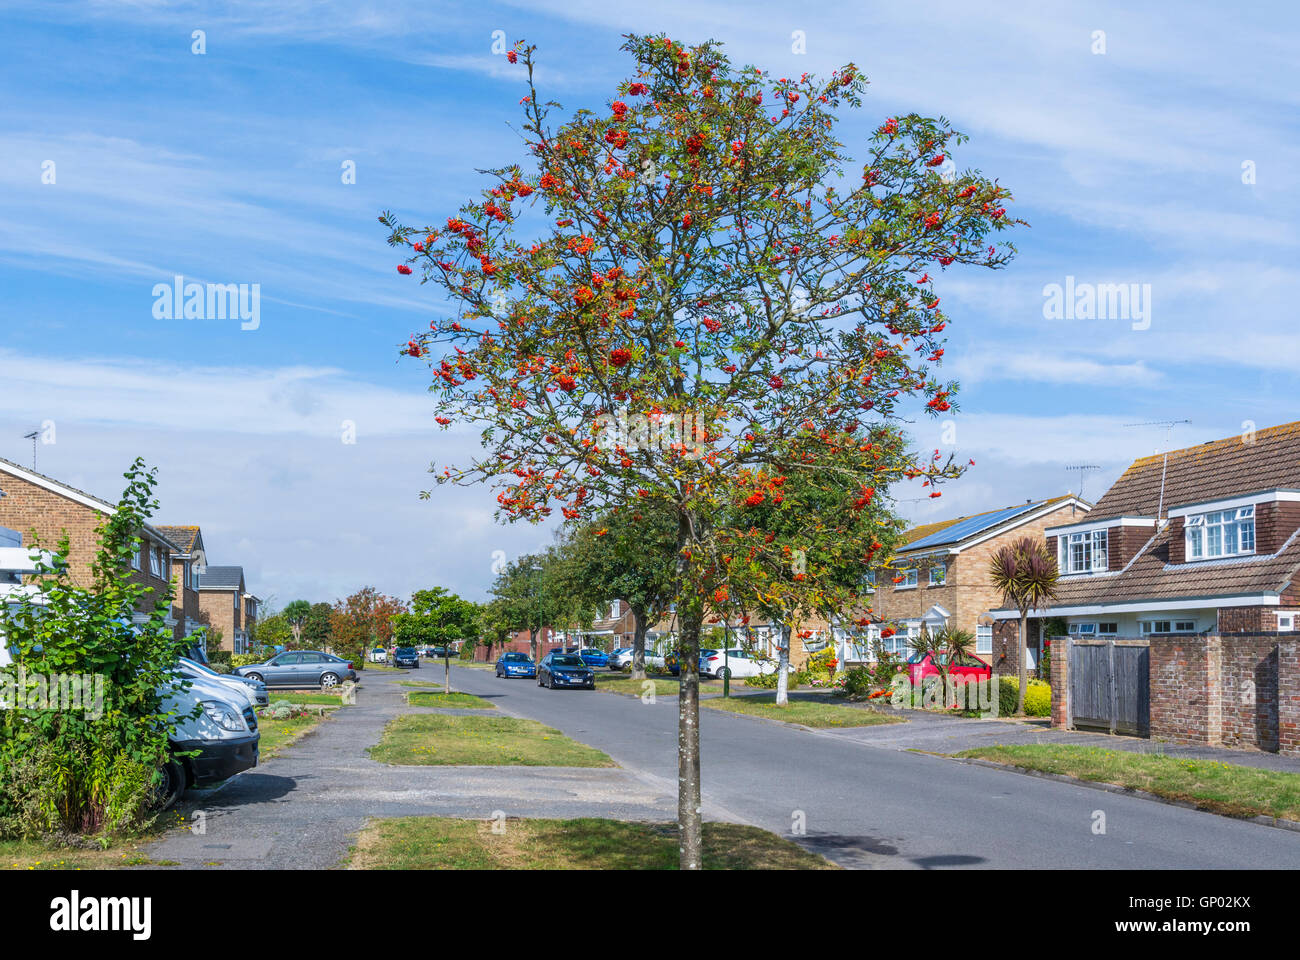 Strada residenziale in estate in Inghilterra, Regno Unito. Immagini Stock